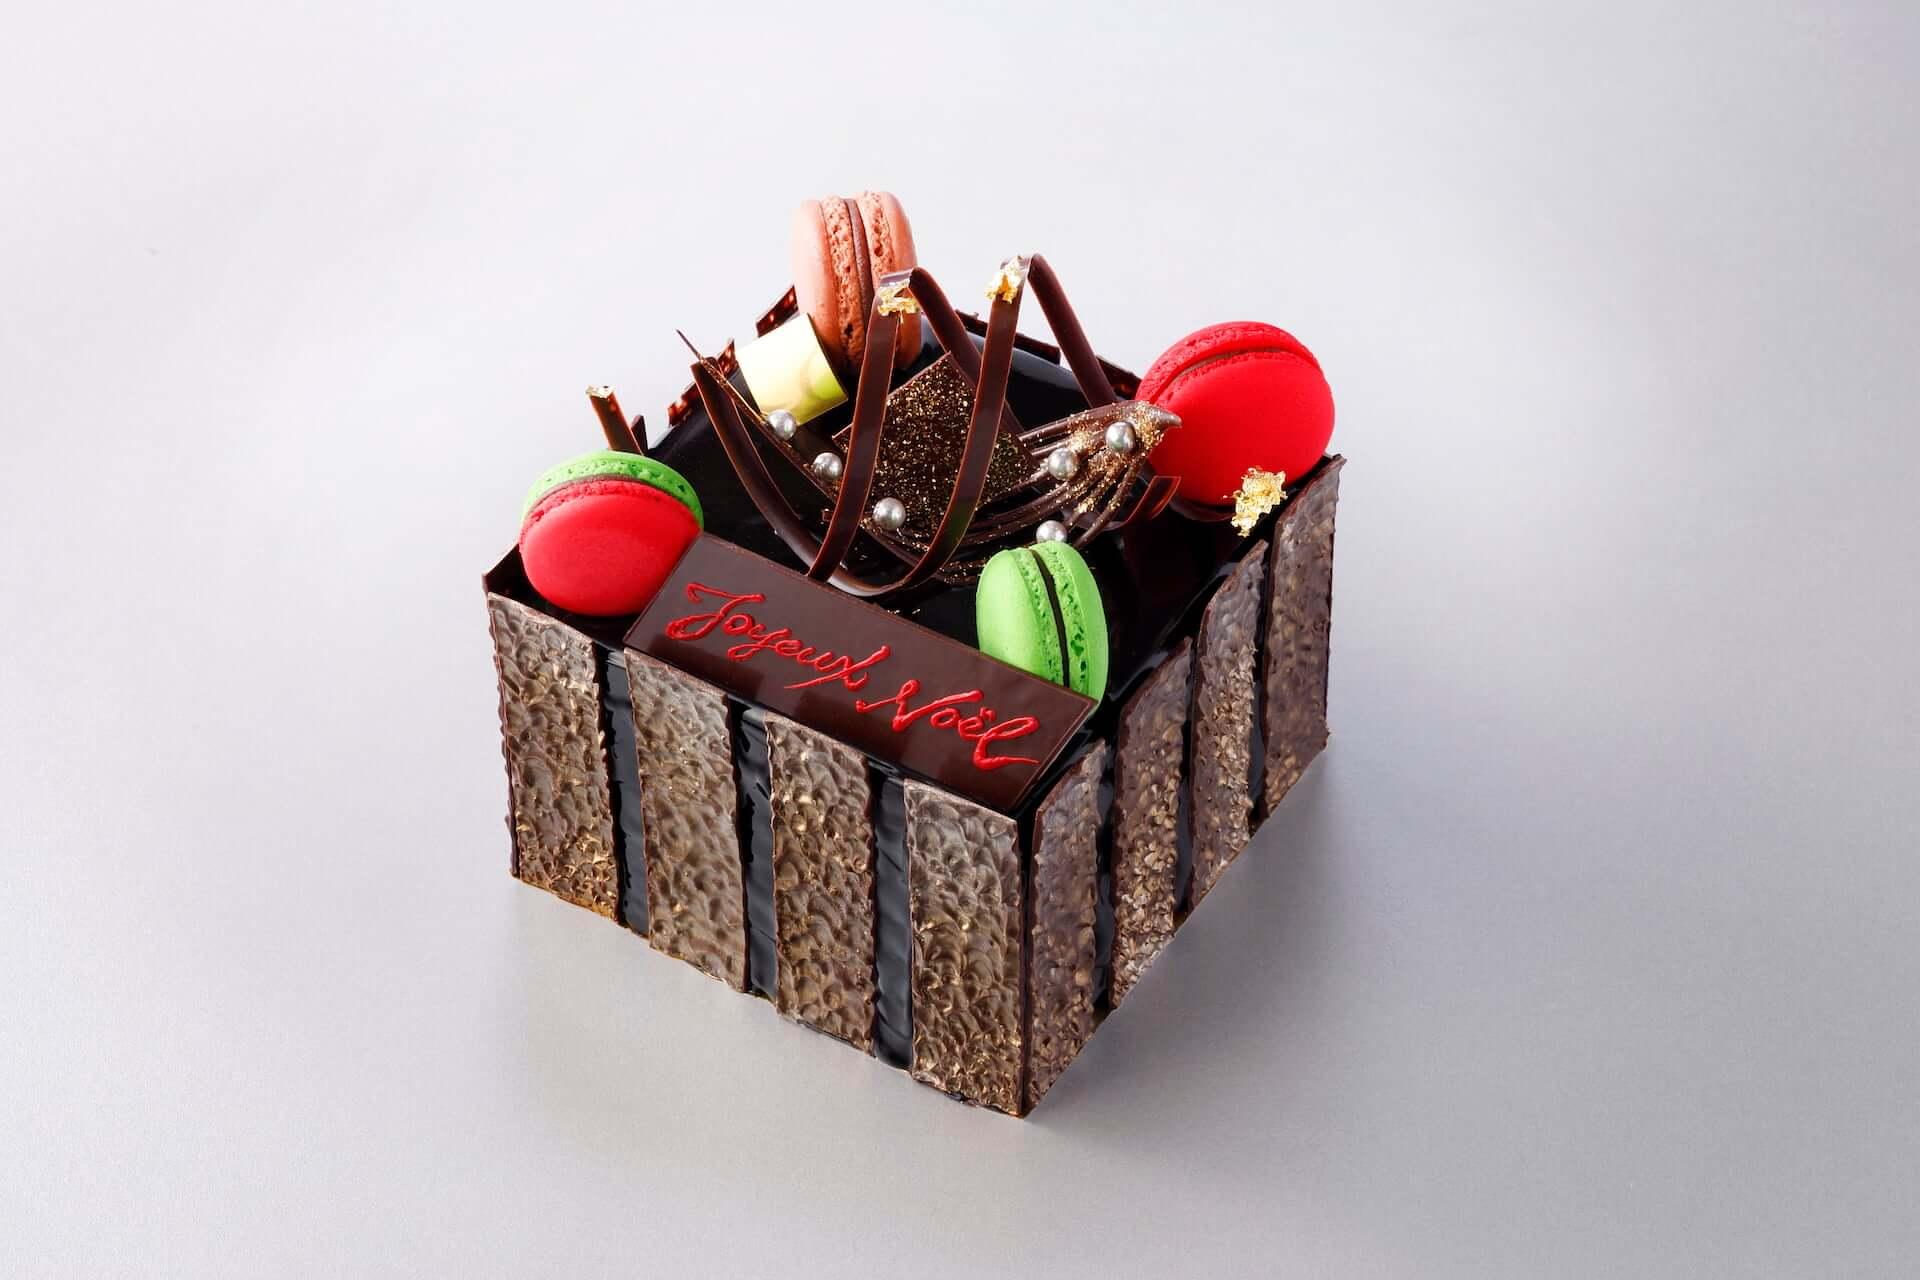 ホテルニューオータニ「パティスリーSATSUKI」にてクリスマスケーキの予約販売がスタート!『スーパーオペラ』『クリスマスタワー』など続々登場 gourmet201005_newotani_2-1920x1280